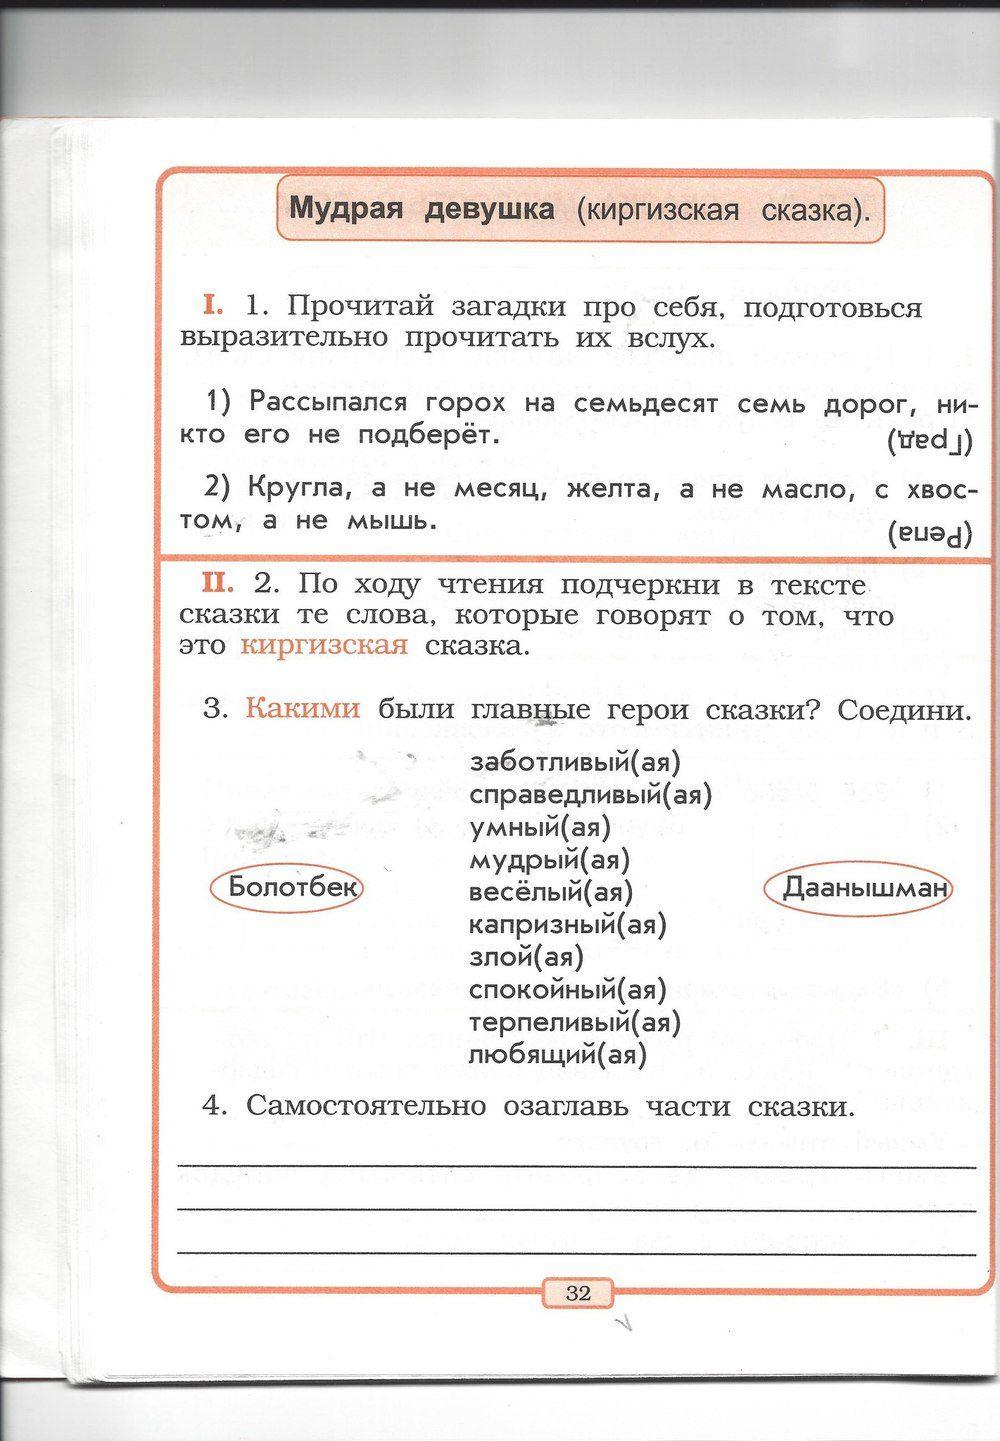 Решебник тетради по литературному чтению 2 класс ответы бунеев бунеева